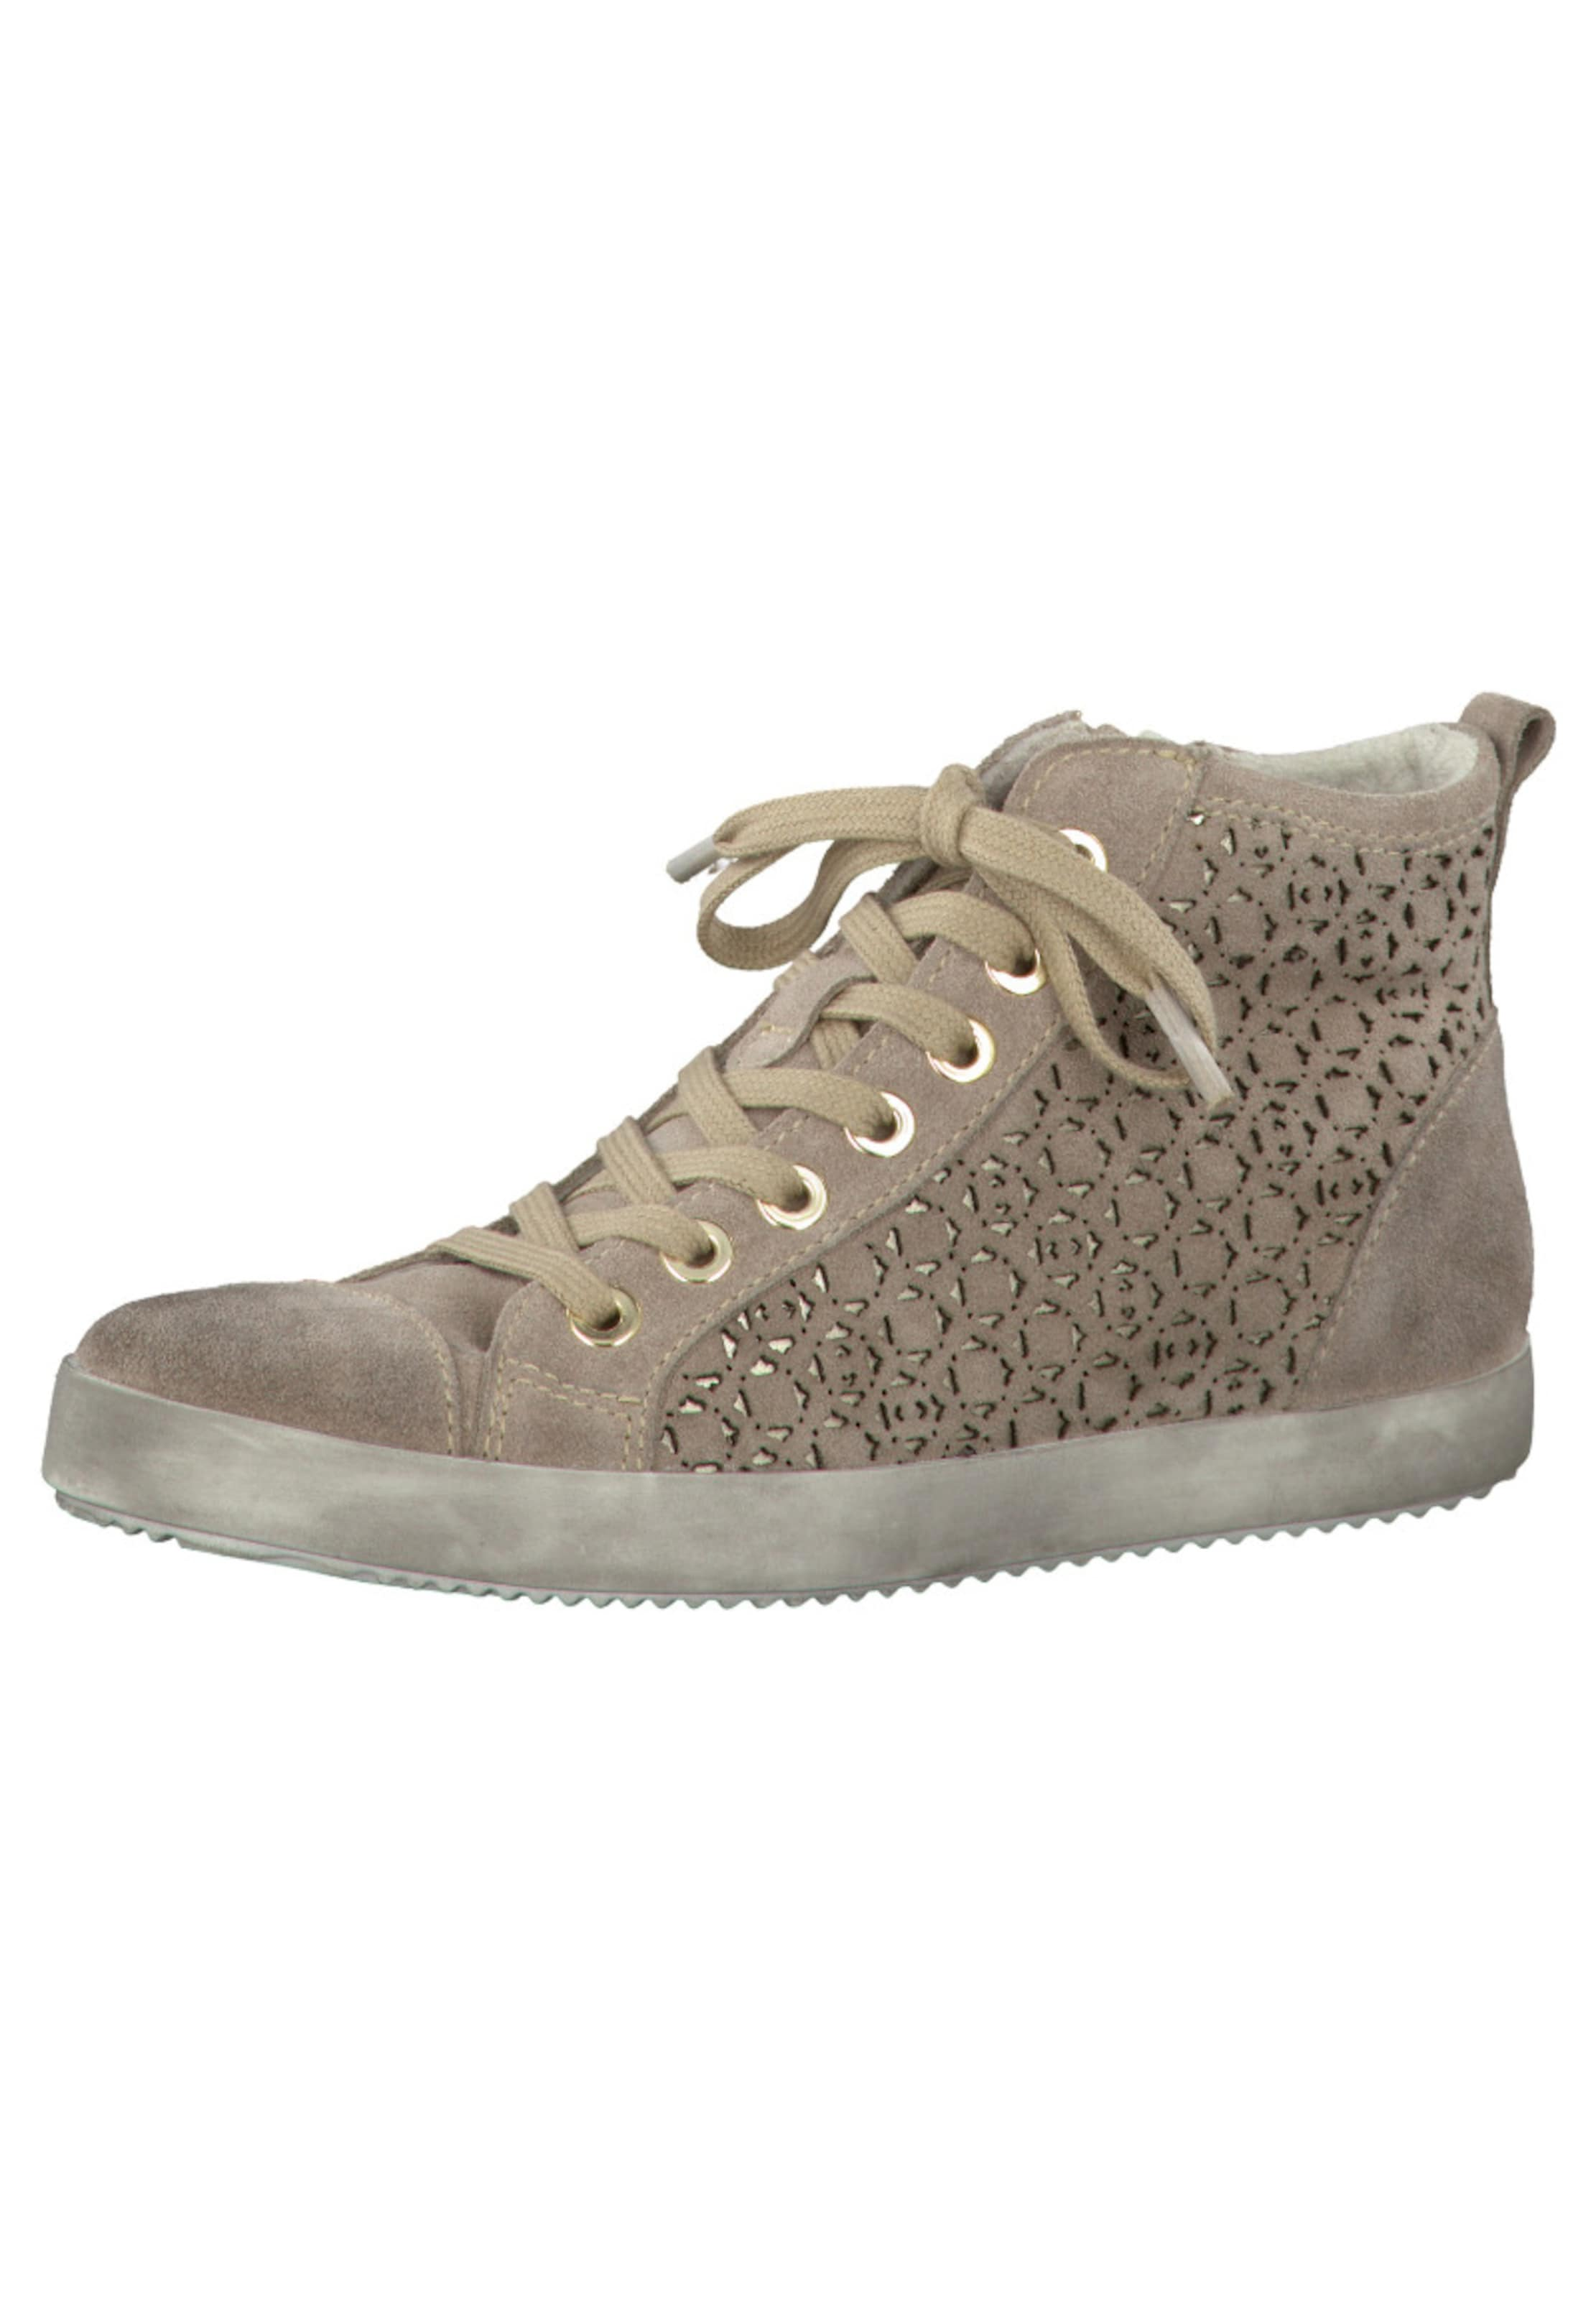 Sneaker Camel Camel Tamaris In In Tamaris Sneaker Tamaris vm8wO0Nny